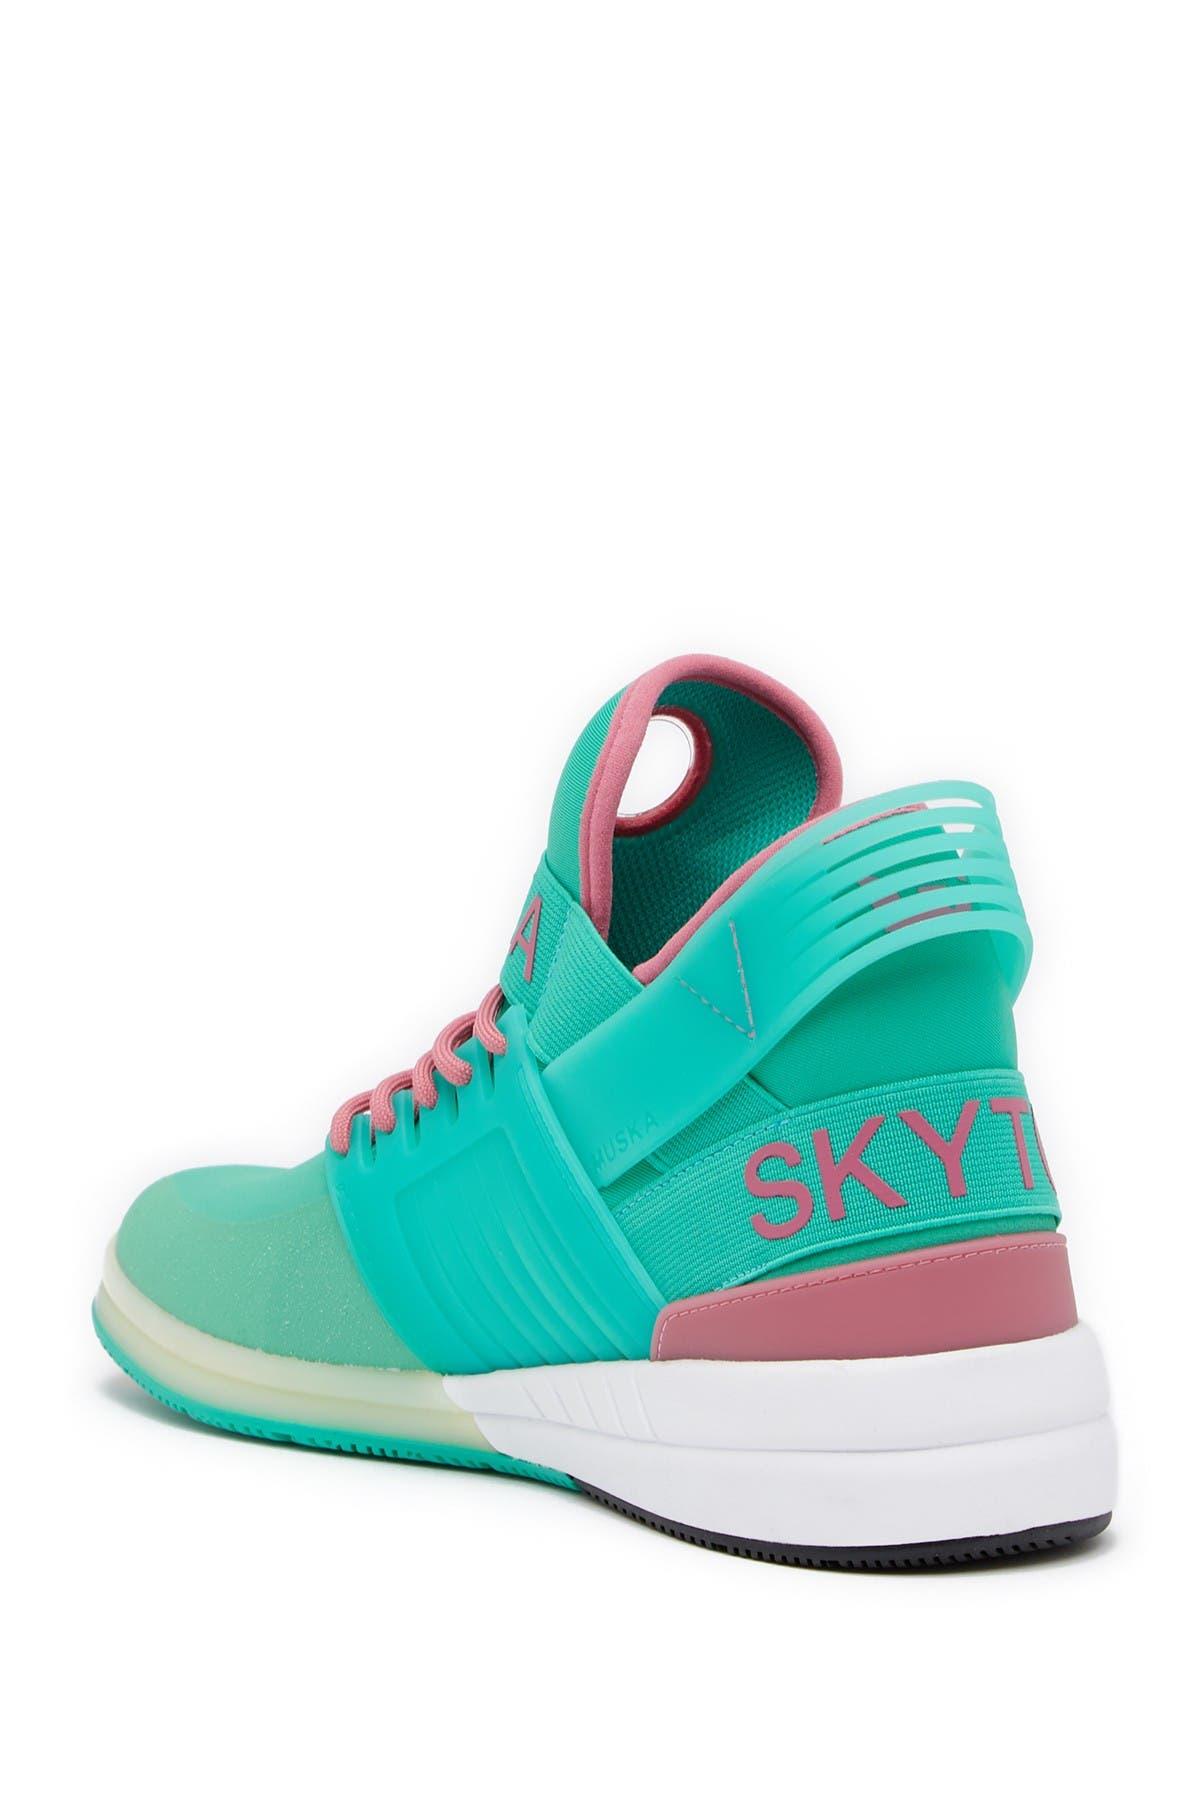 Supra | Skytop V Mid Sneaker